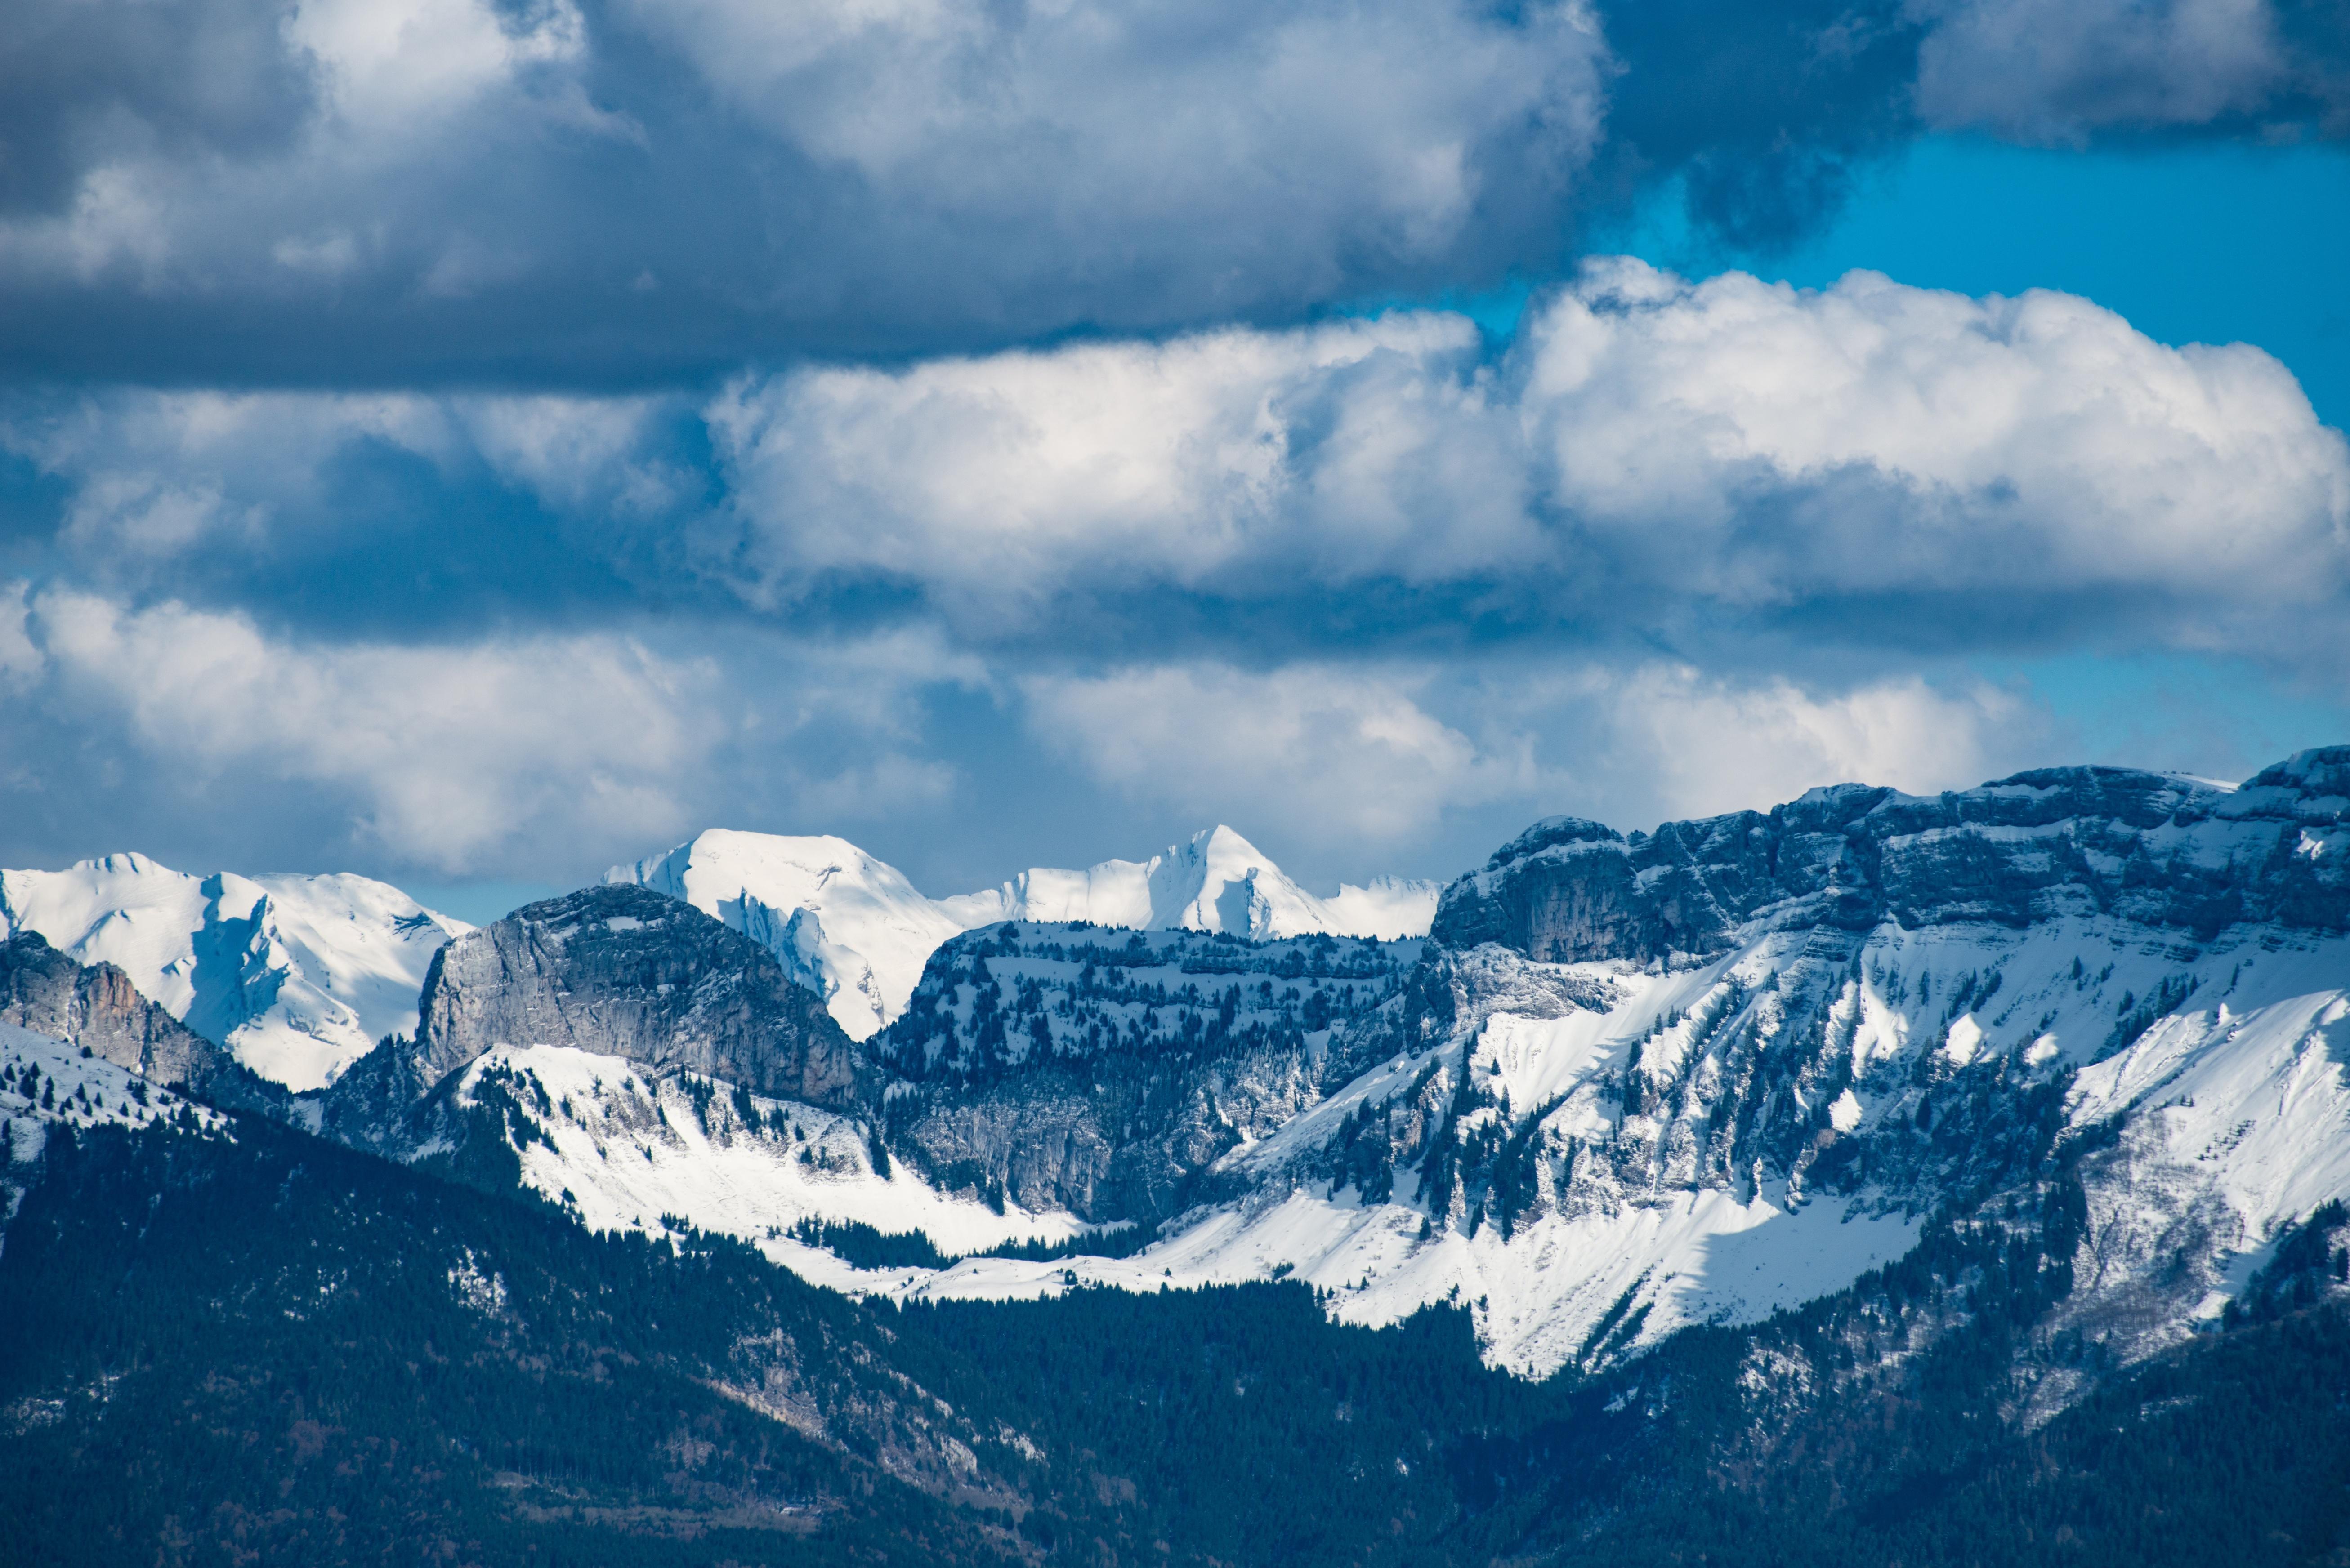 Dvojice vozíčkářů se chystá s pomocí horolezců zdolat Mont Blanc